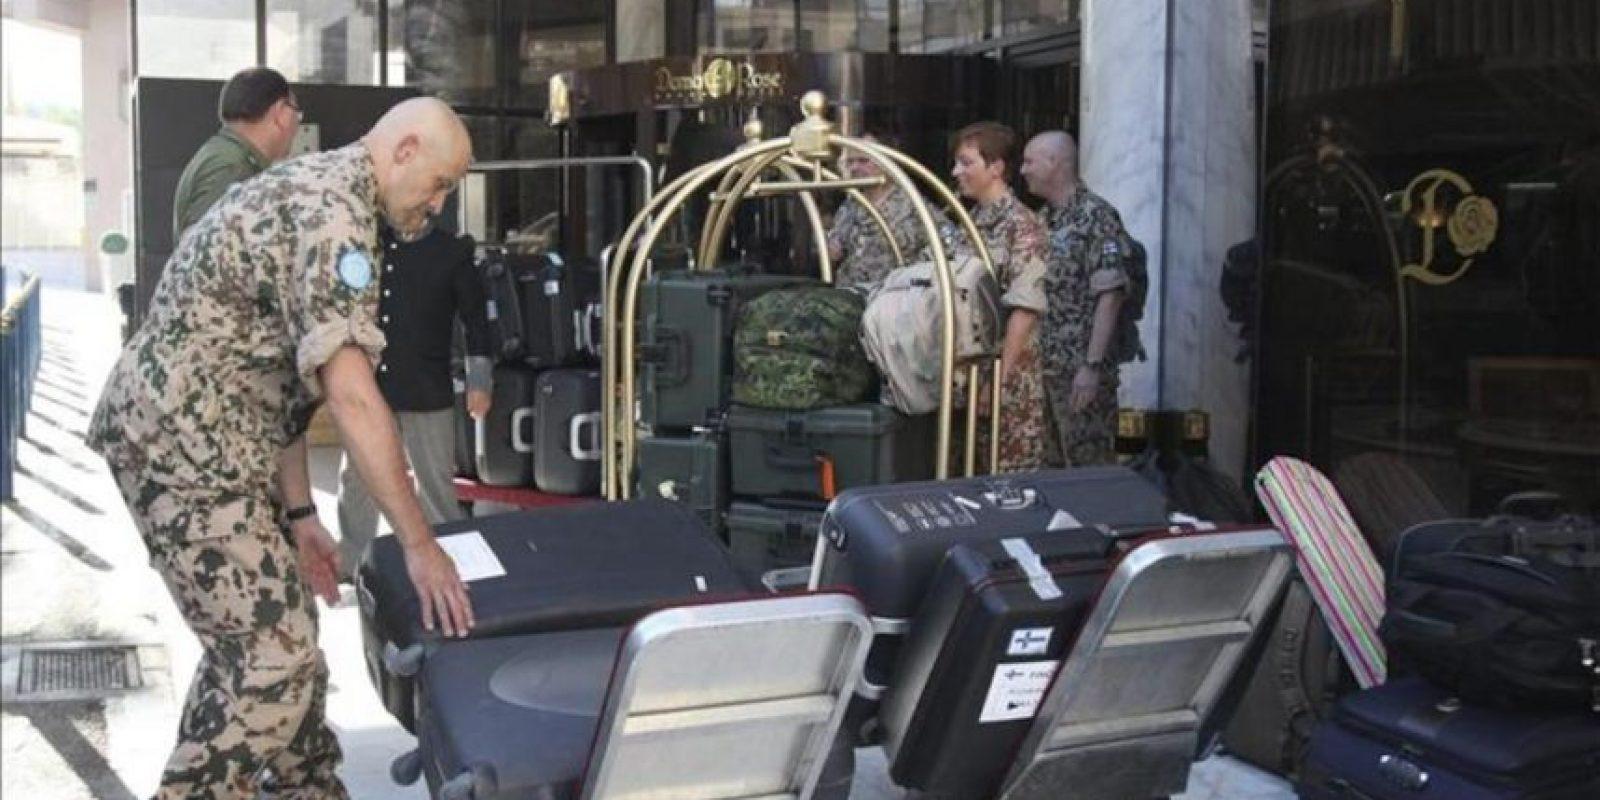 Observadores de la misión de la ONU en Siria, antes de abandonar Damasco, hoy, miércoles 25 de julio. EFE